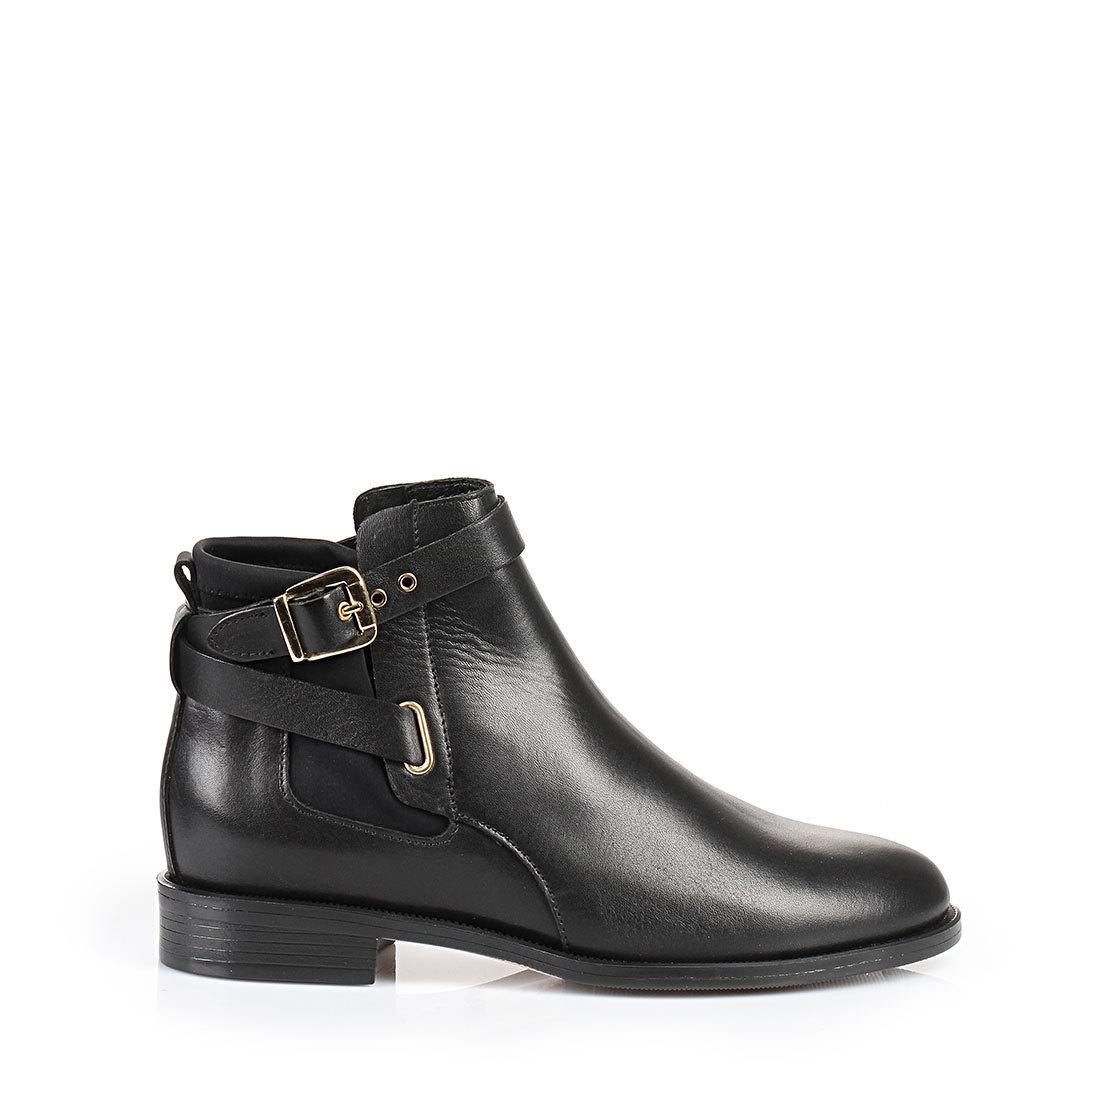 Buffalo Chelsea boots in black buy online in BUFFALO Online